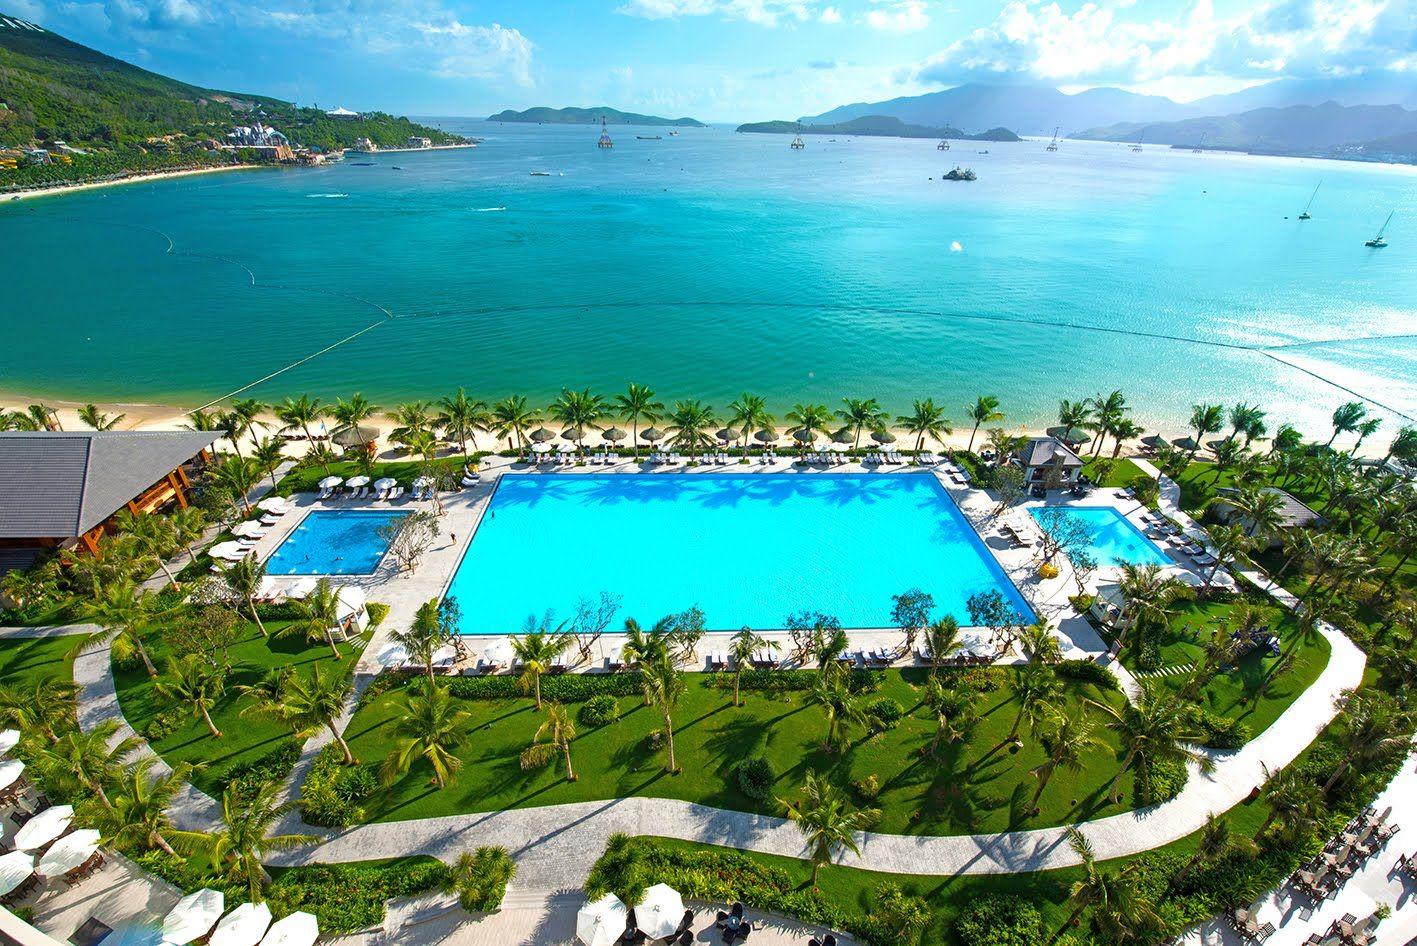 Khung cảnh vừa hiện đại vừa thơ mộng với thiên nhiên của Vinpearl Bay Resort & Villas